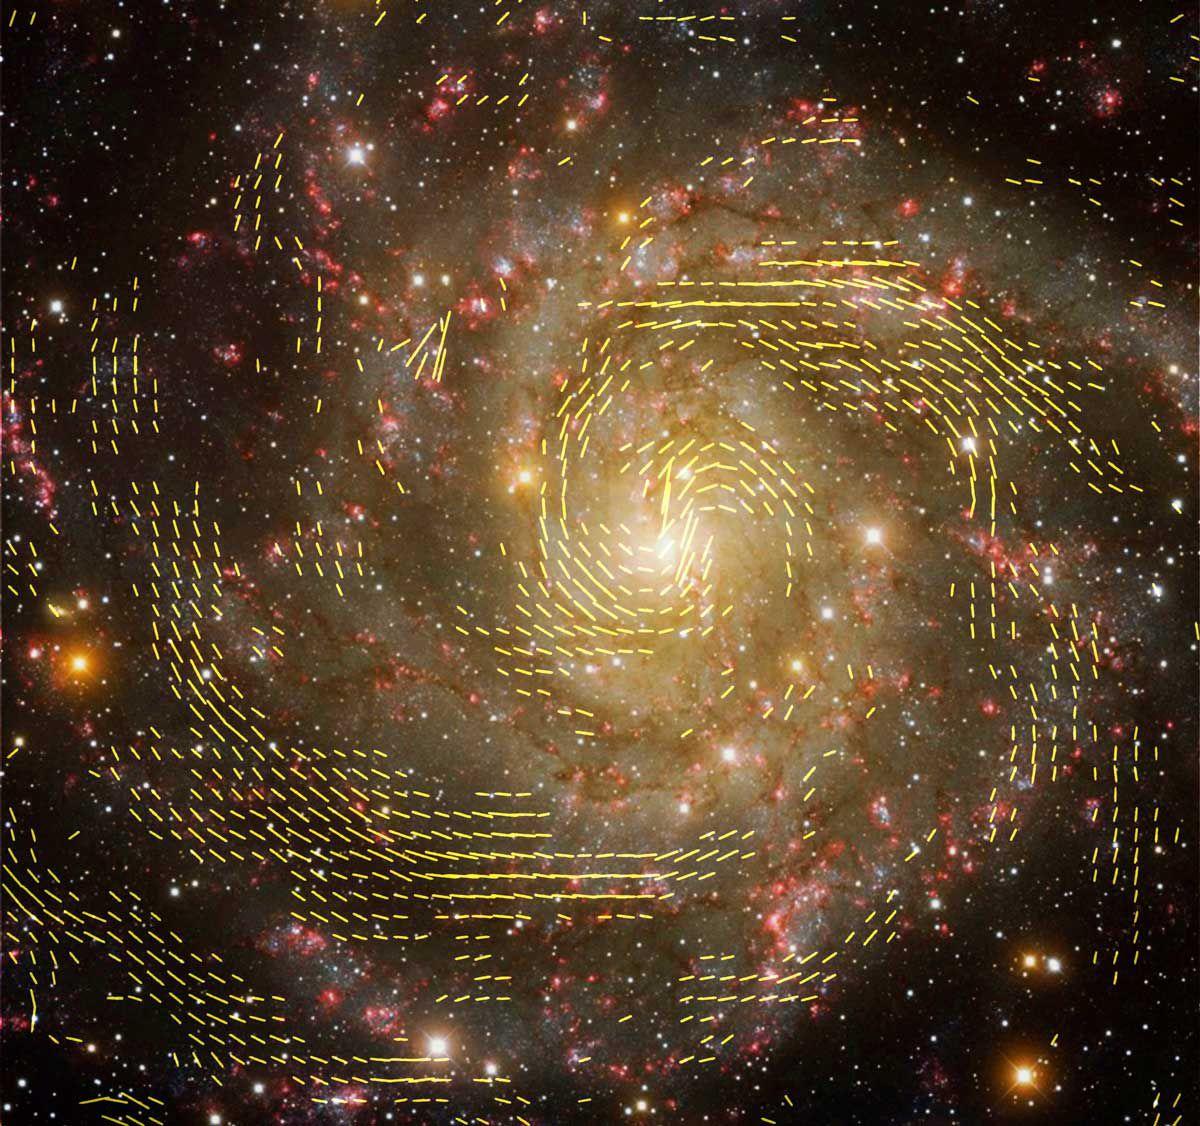 Открытие магнитных полей дает ключ к пониманию процессов формирования галактик